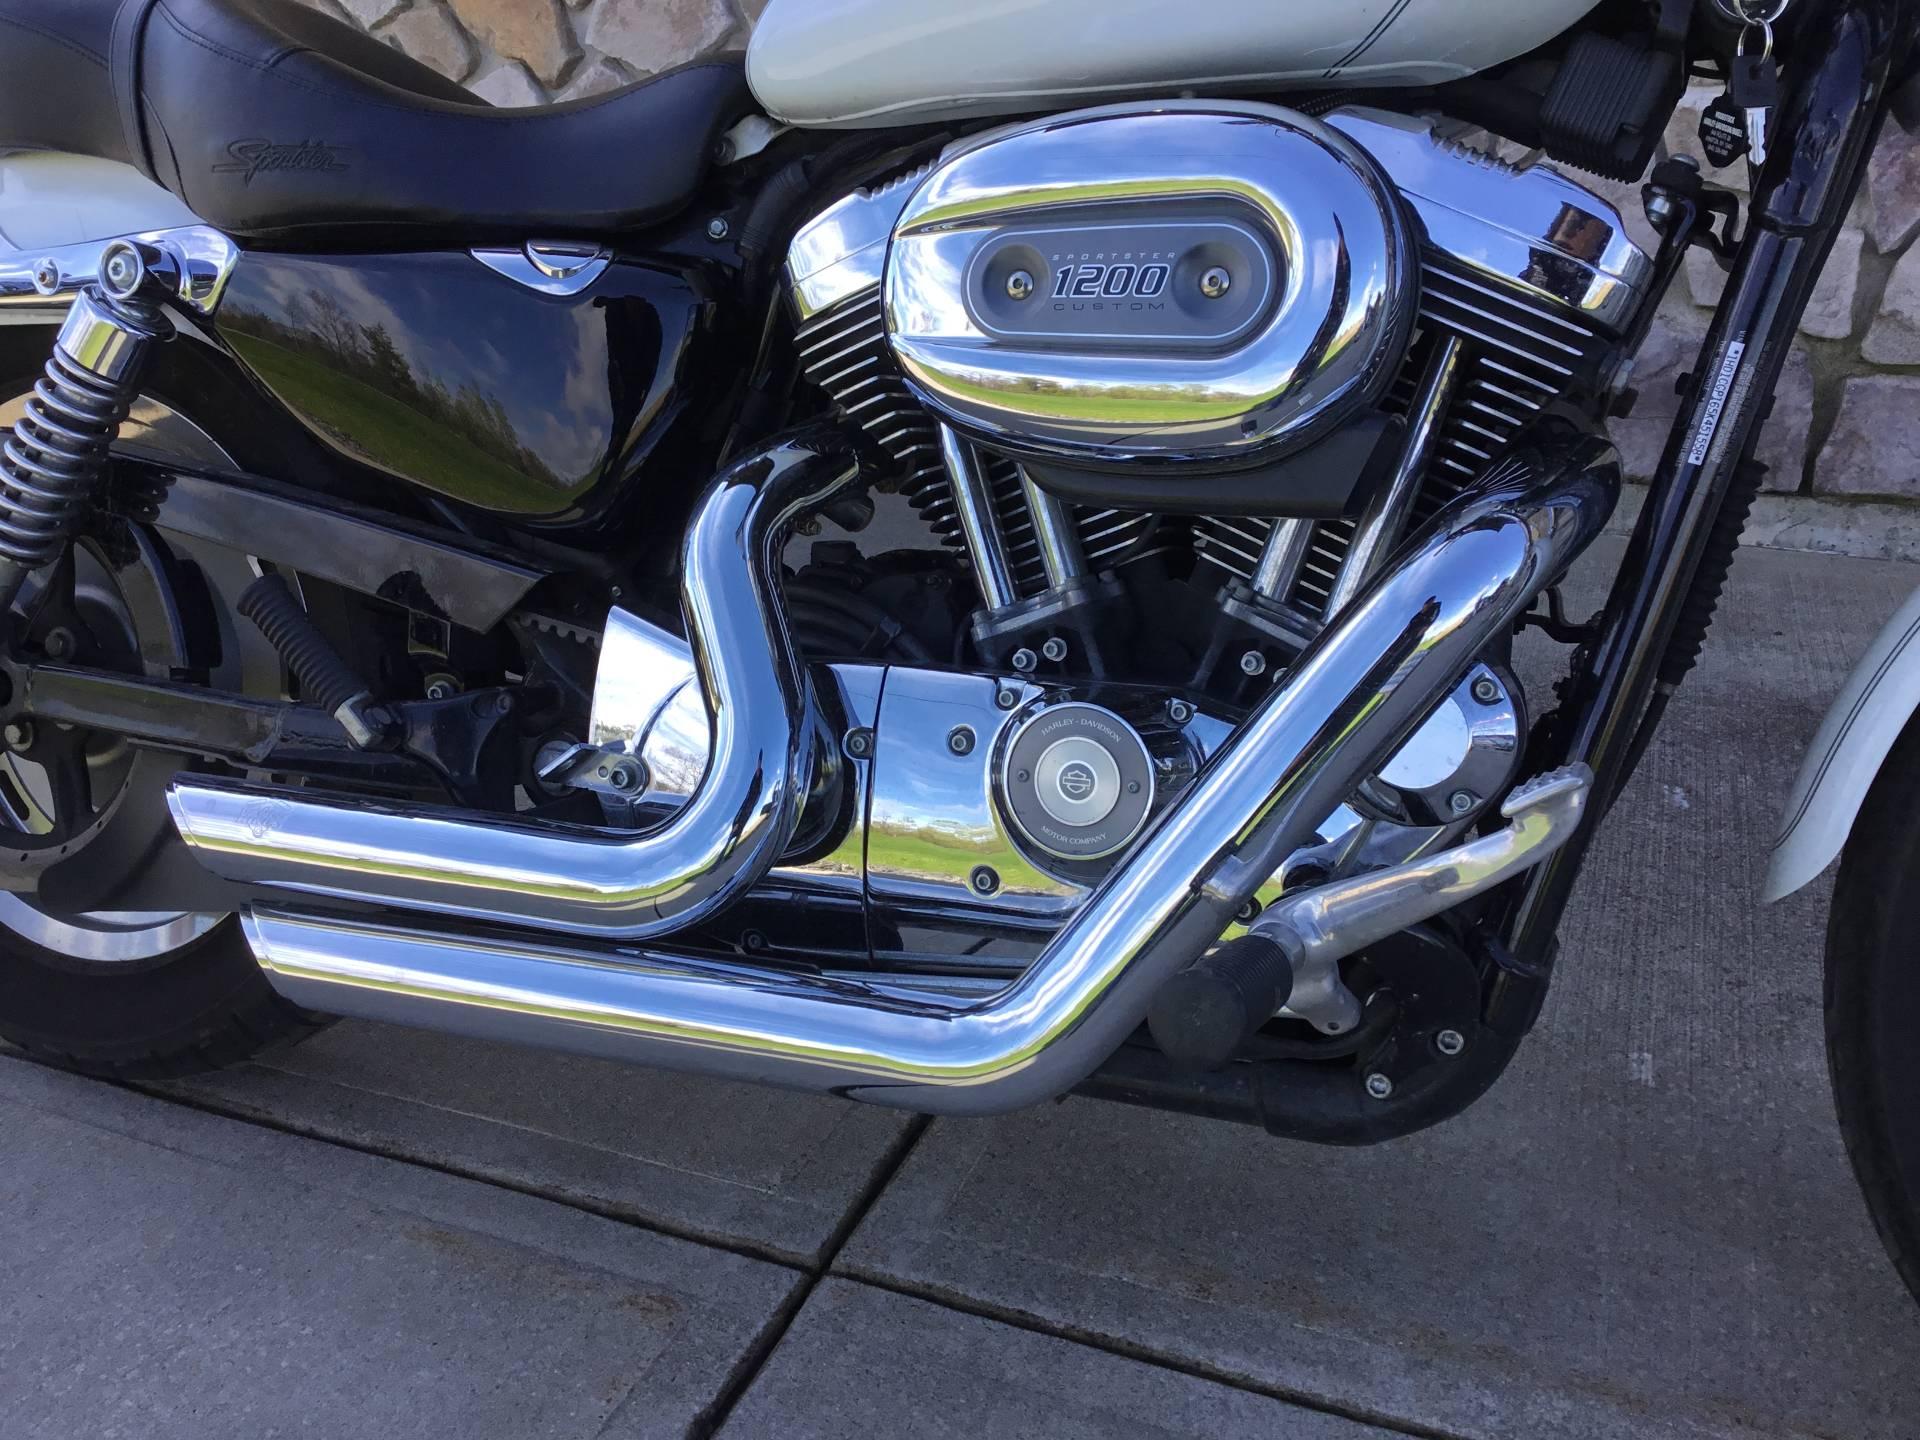 2005 Harley-Davidson Sportster® XL 1200 Custom in Broadalbin, New York